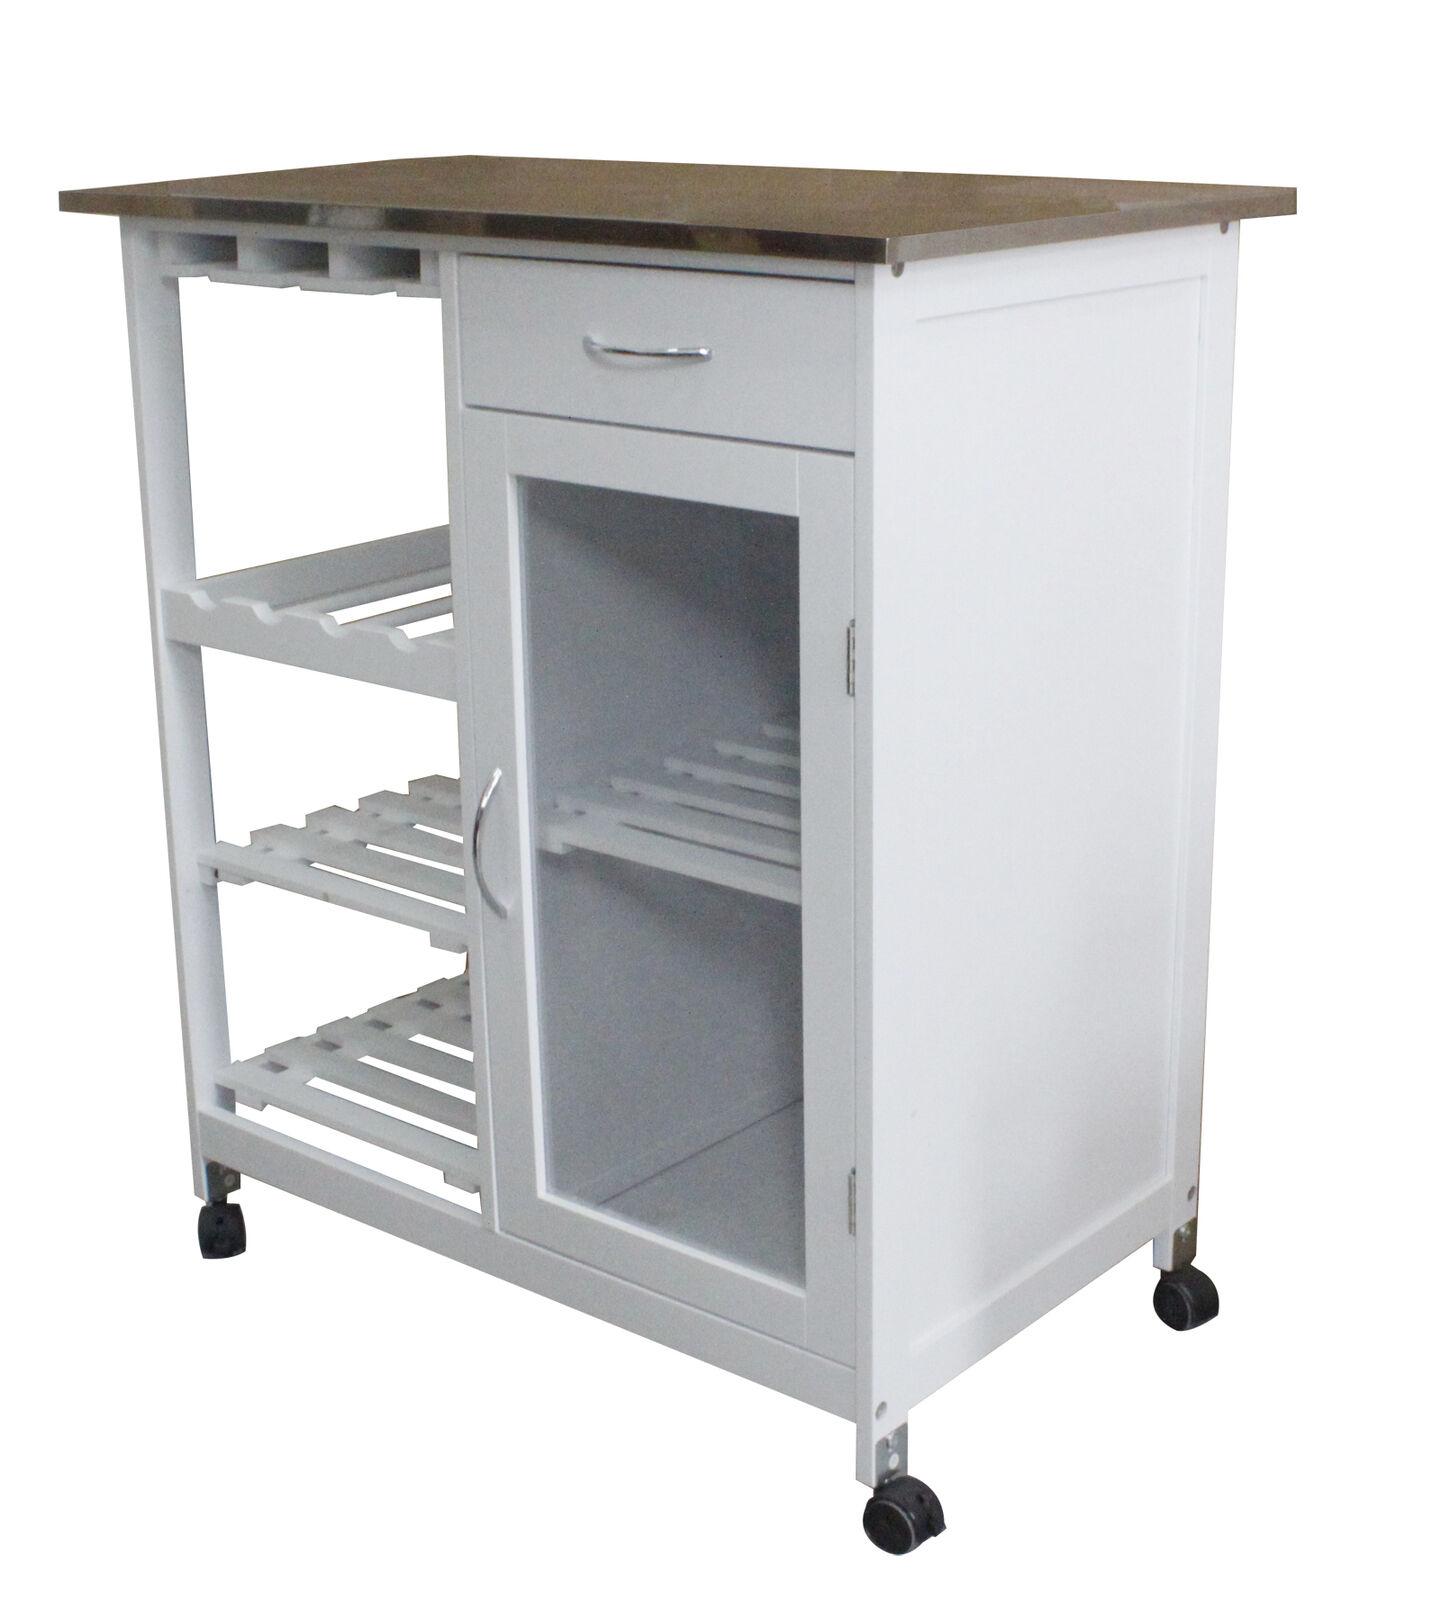 Full Size of Beistelltisch Für Küche Arbeitsplatten Mehr Als 10000 Angebote Miele Günstig Mit Elektrogeräten Led Deckenleuchte Armatur Inselküche Miniküche Wohnzimmer Beistelltisch Für Küche